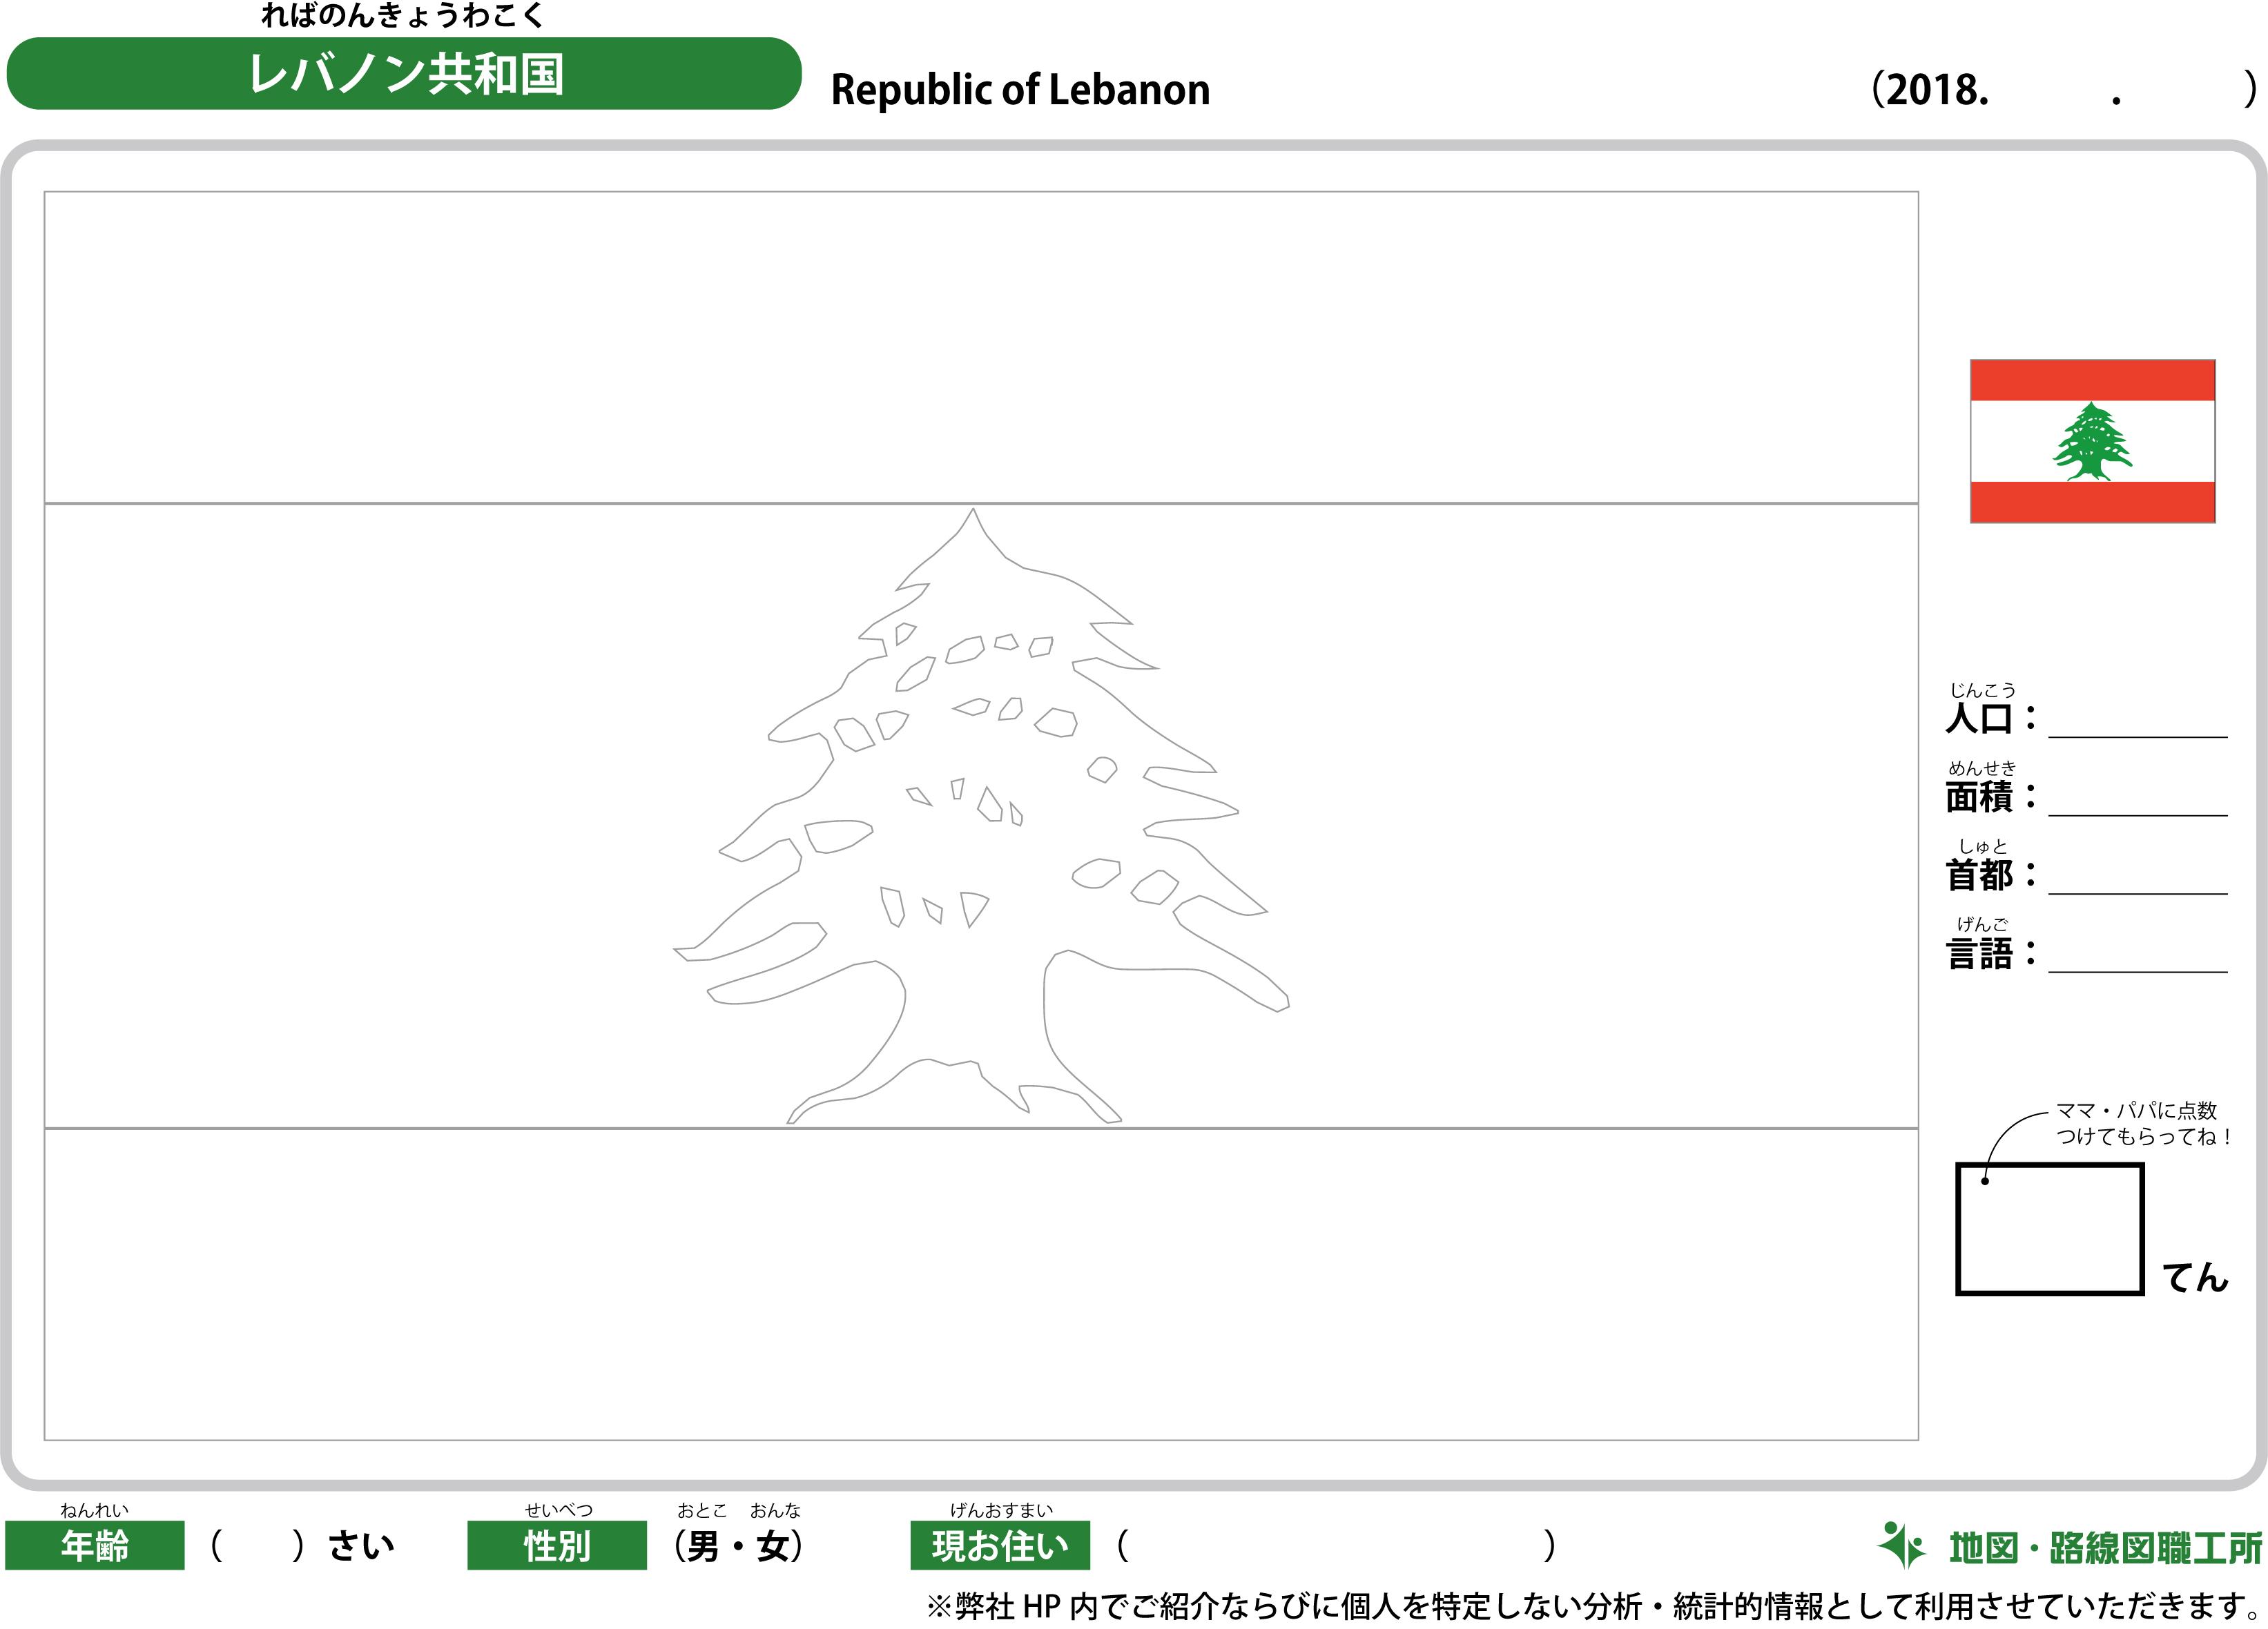 レバノン共和国